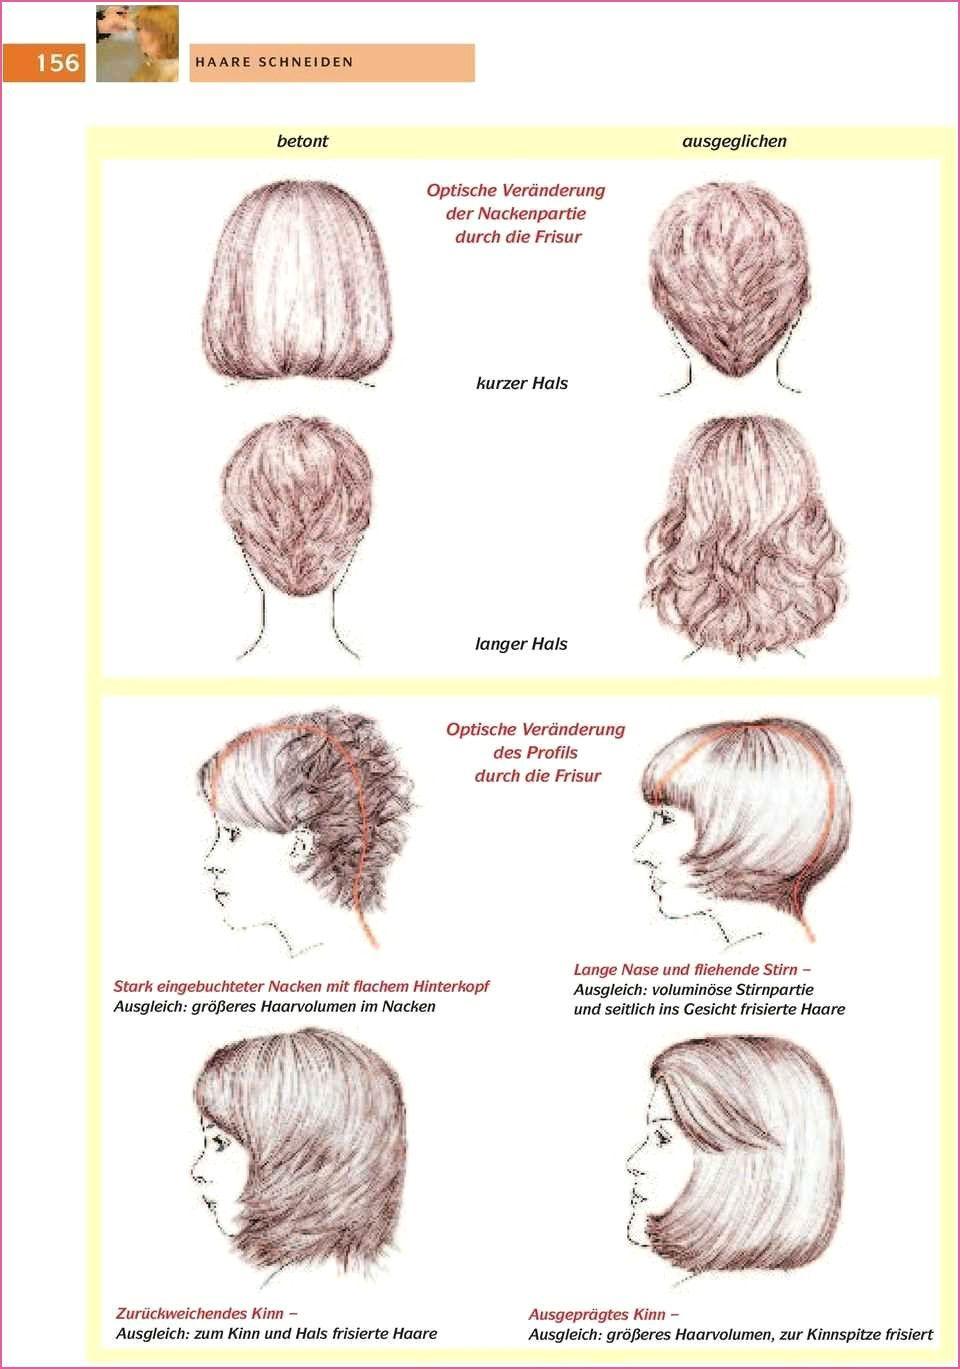 Frisuren 2019 Manner Frisuren Manner Mittellange Haare Lange Haare Stylen Kurzhaarfrisuren Jungs